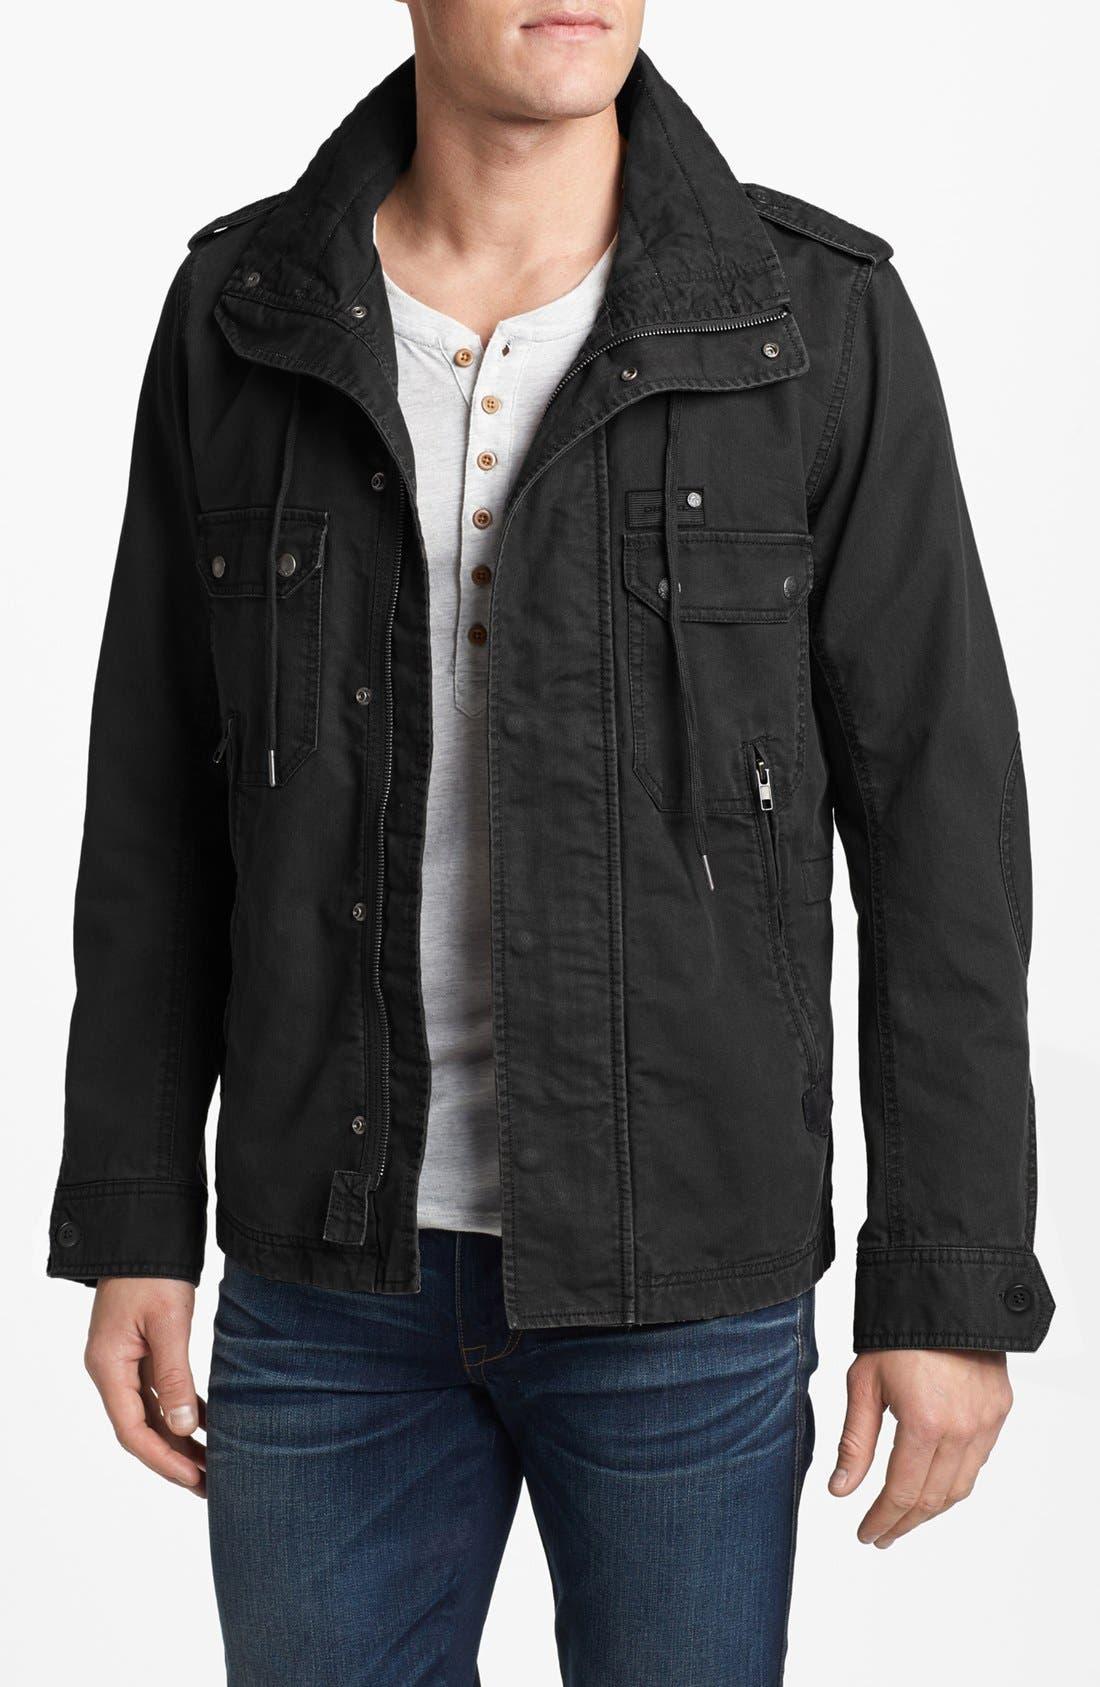 Alternate Image 1 Selected - DIESEL® 'J-Moha' Jacket